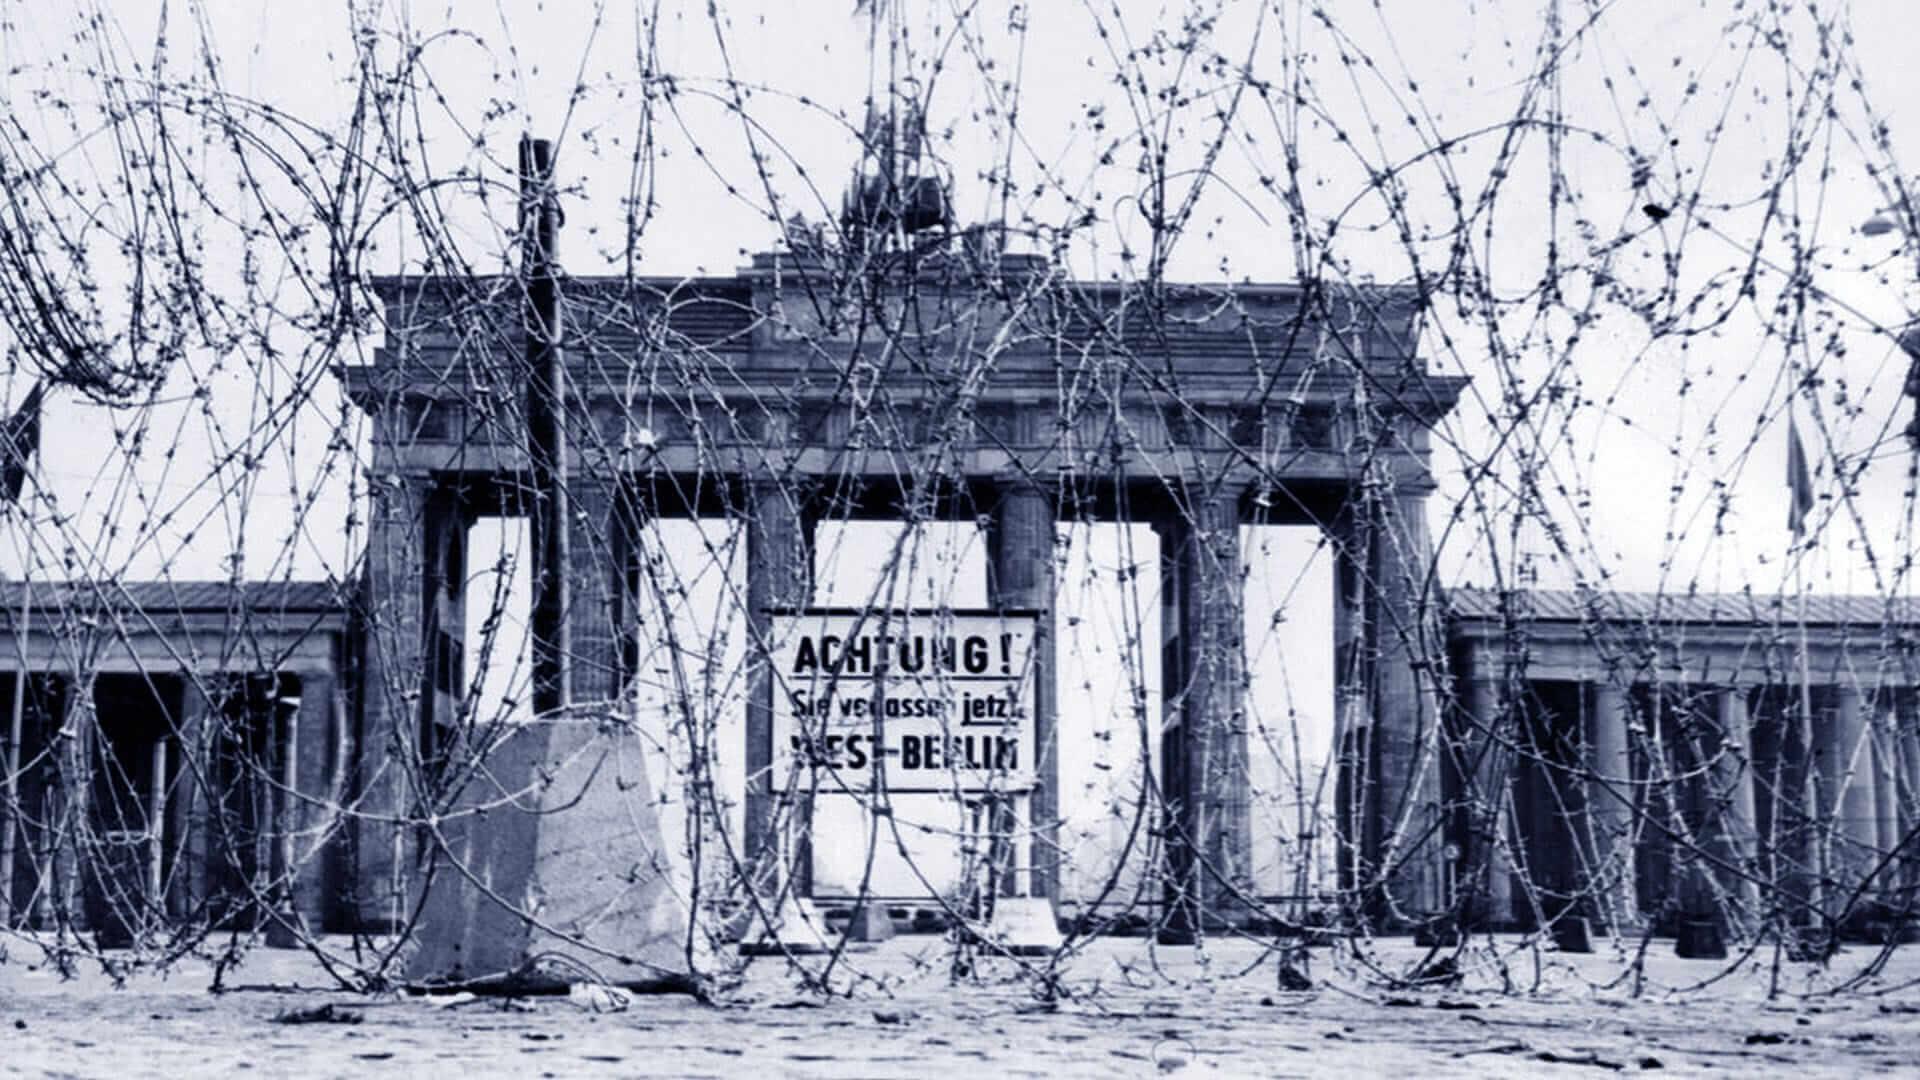 La lunghezza del Muro di Berlino superava i 150 km